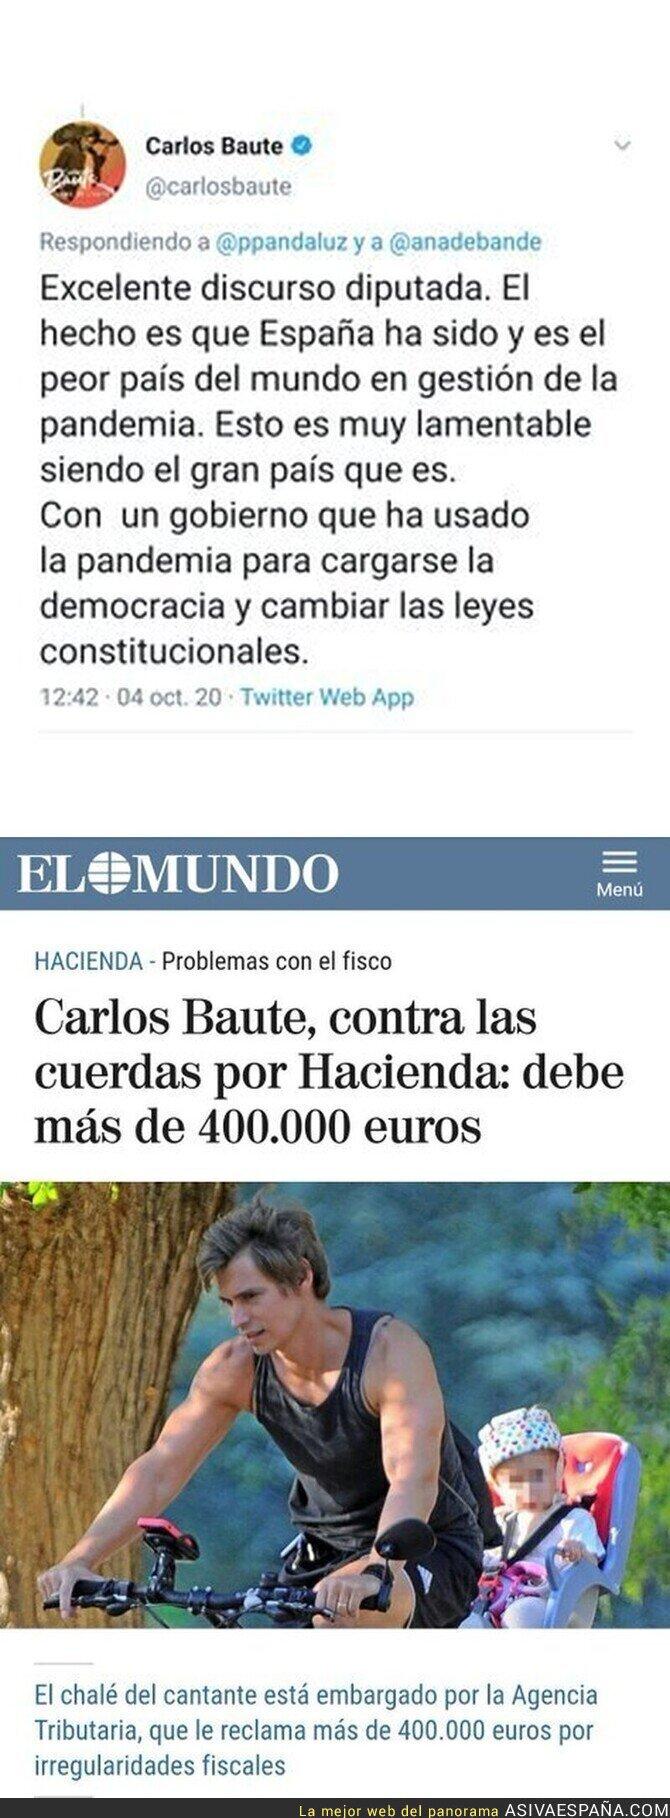 399287 - Todo cuadra con la ideología política de Carlos Baute